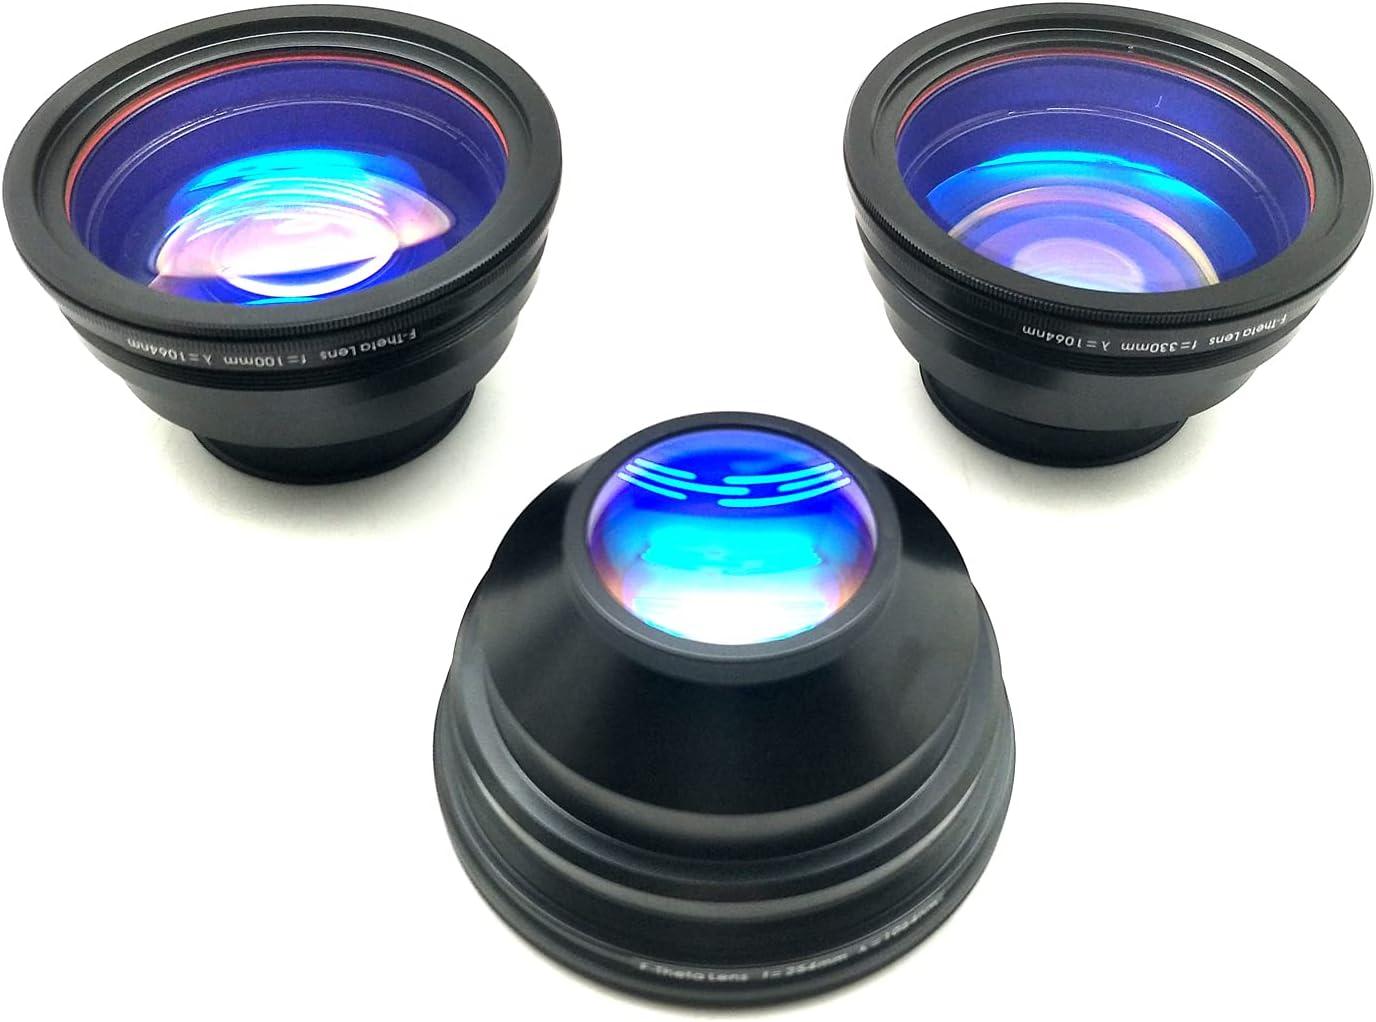 MCWlaser Fiber Lens Price reduction 110x110mm Area Time sale Mark Laser For Engraver